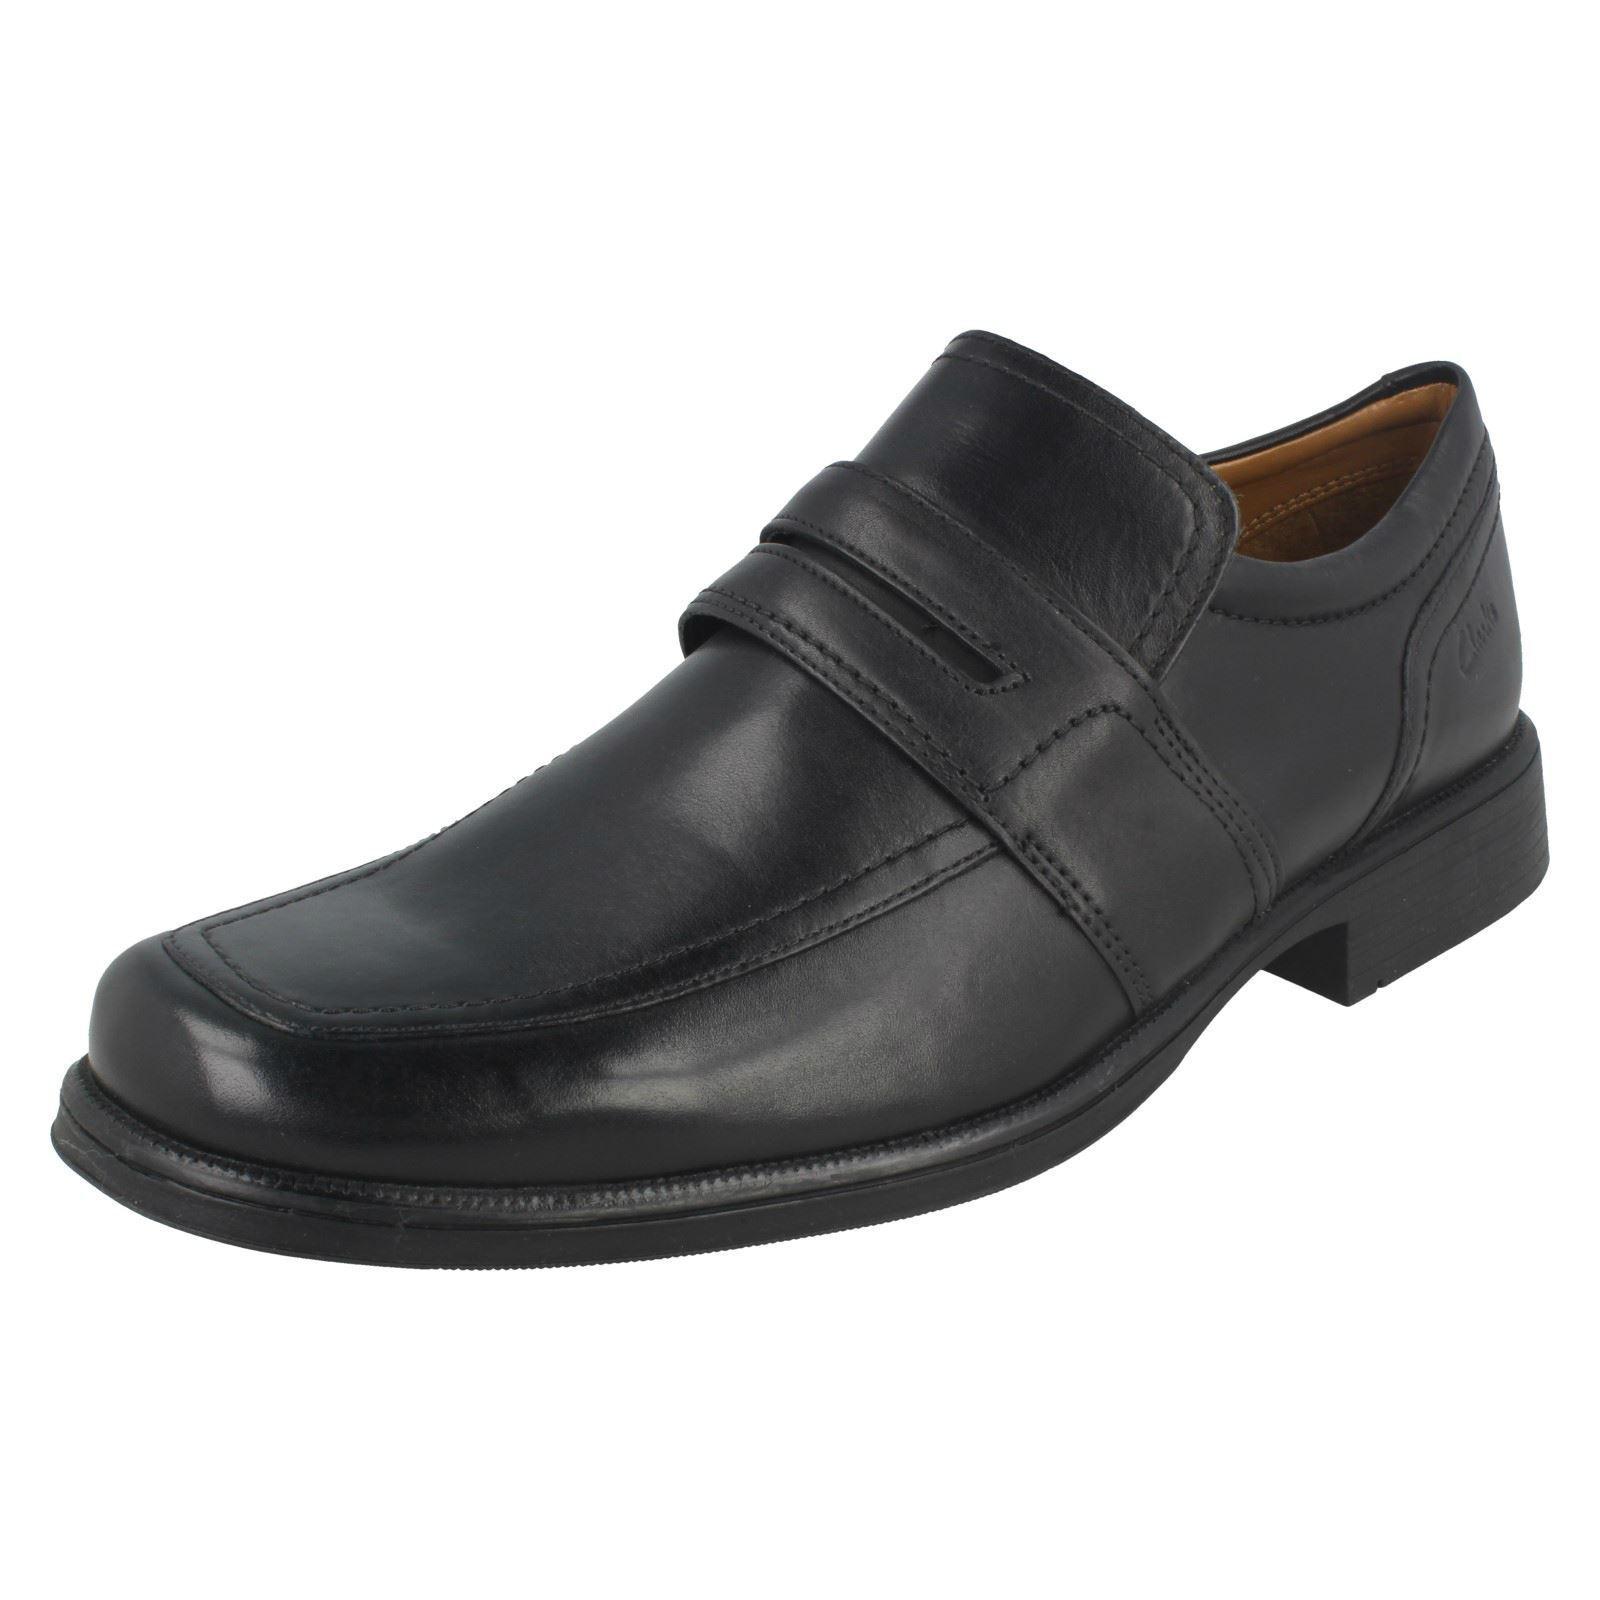 Da Uomo Clarks Huckley Lavoro Formale Mocassini Scarpe Scarpe classiche da uomo